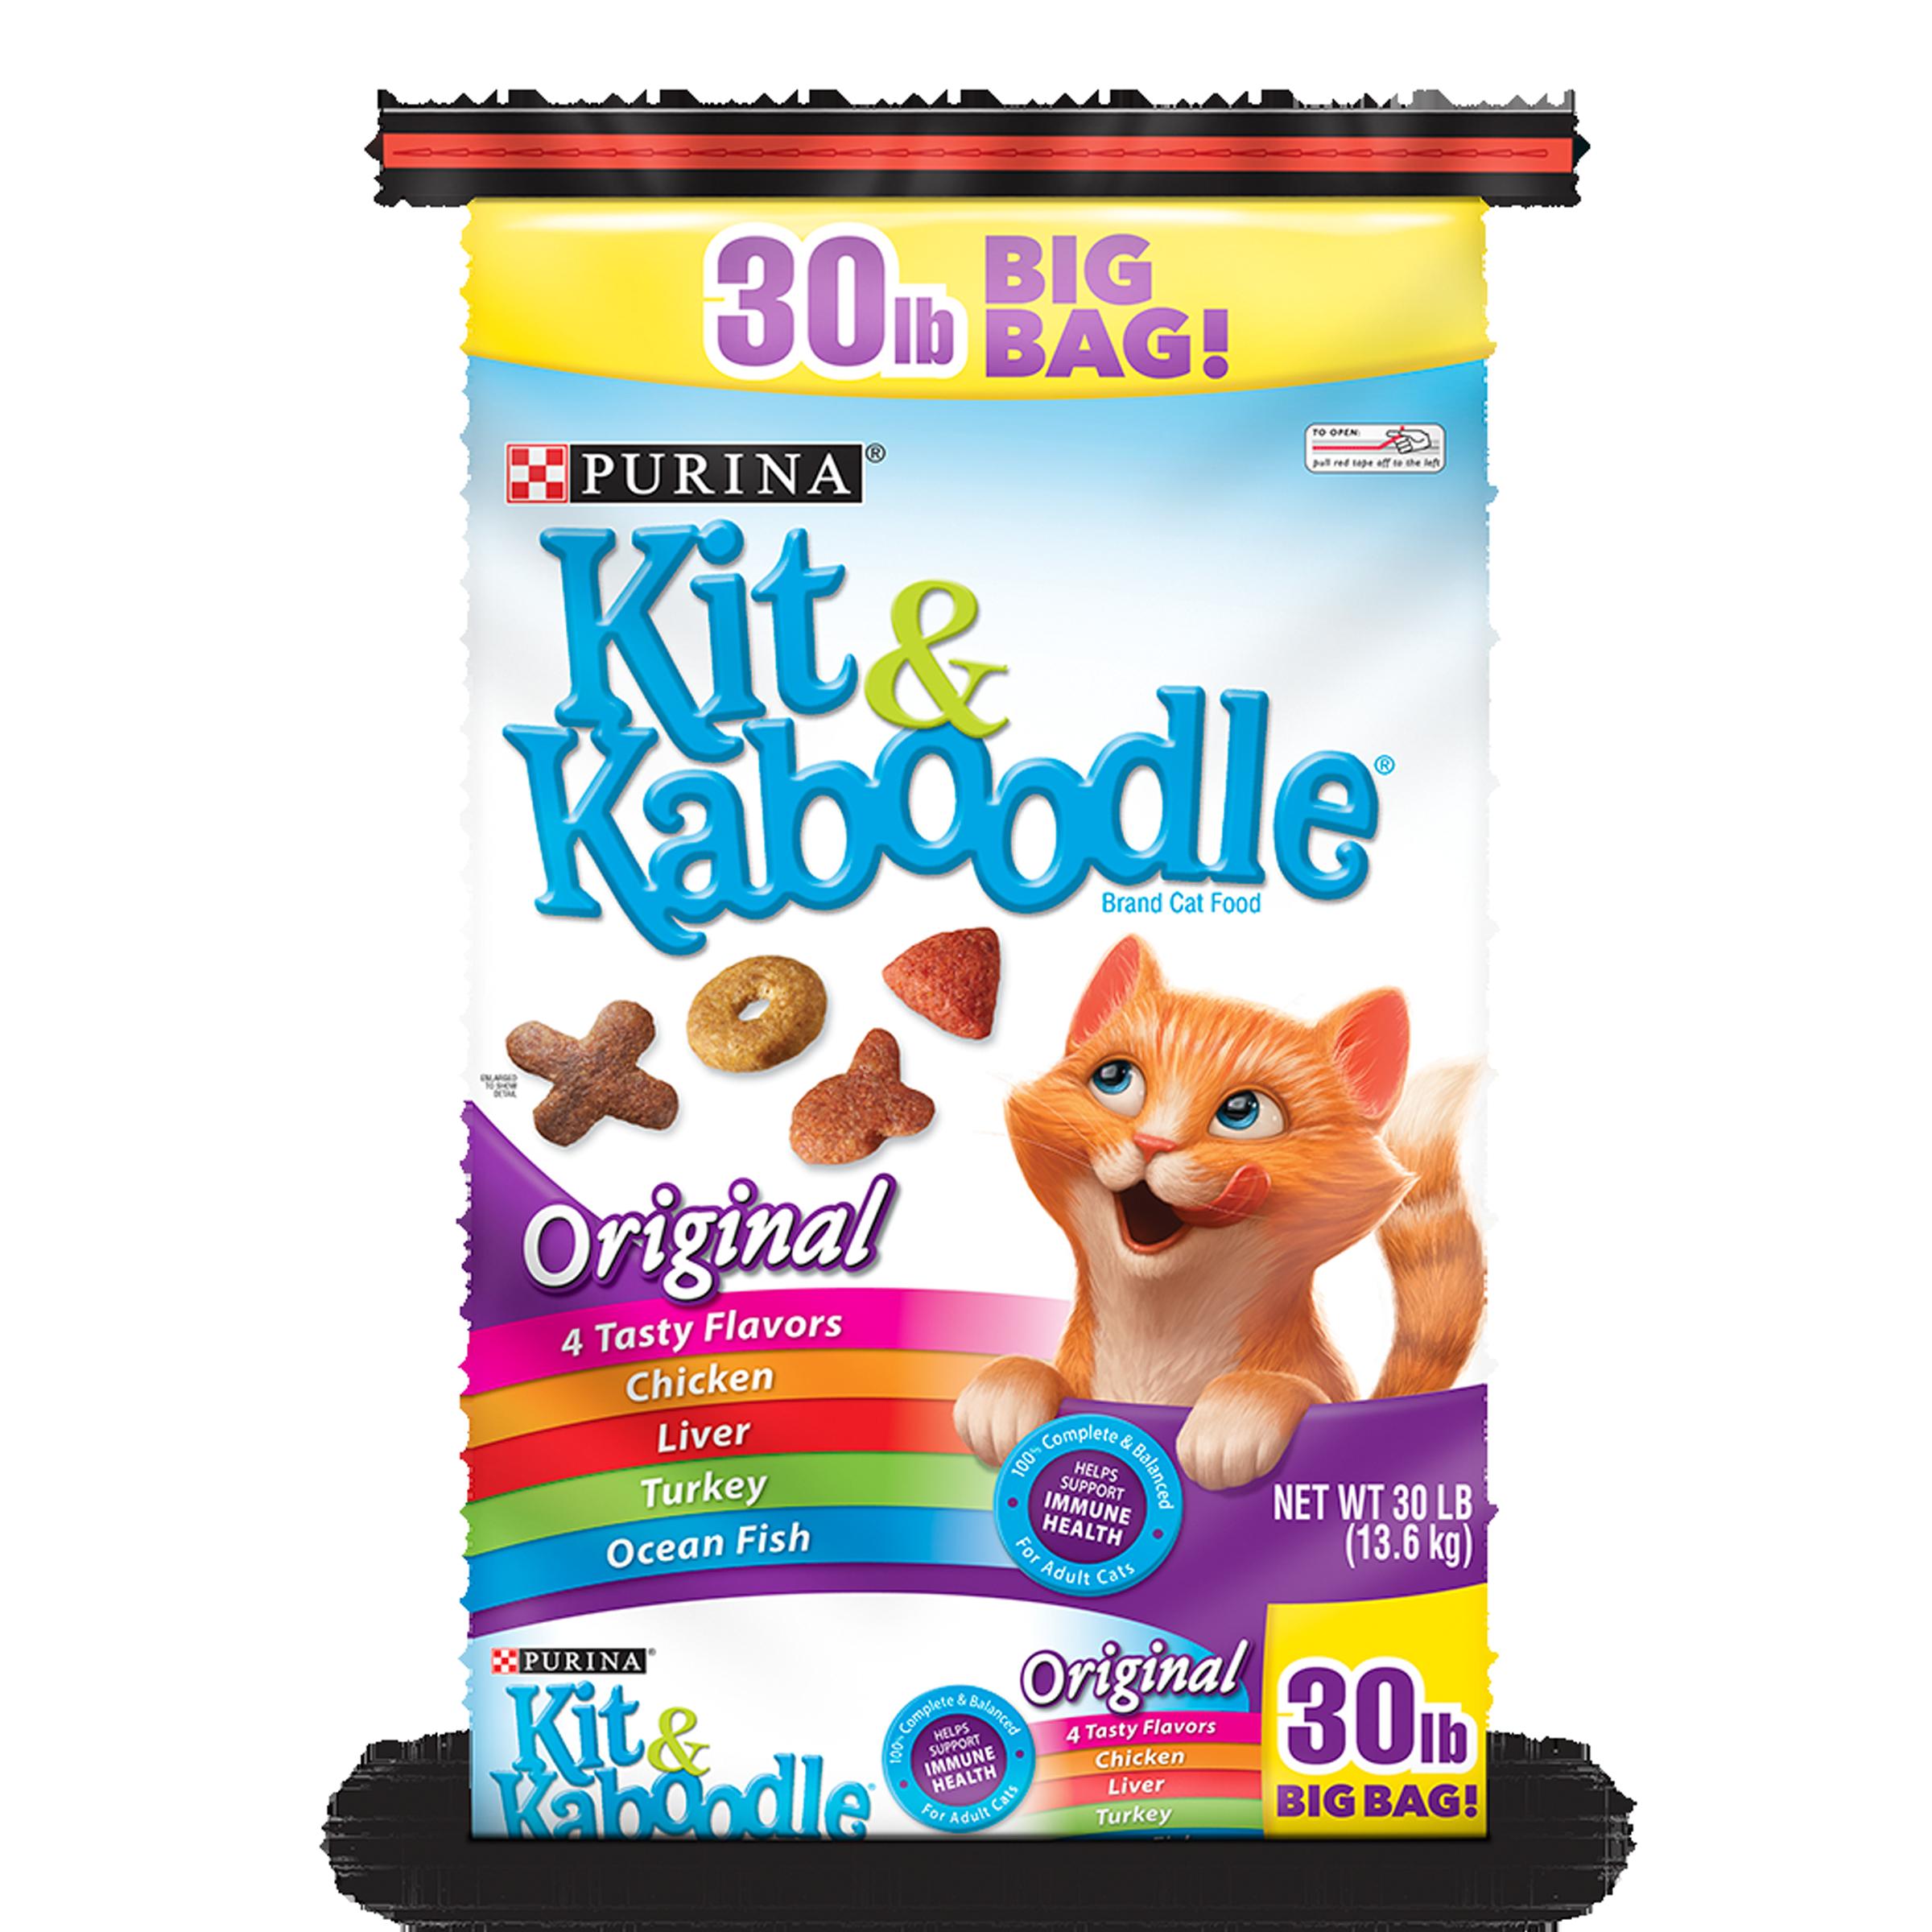 New Cat Kitten Supplies Checklist Walmart Com